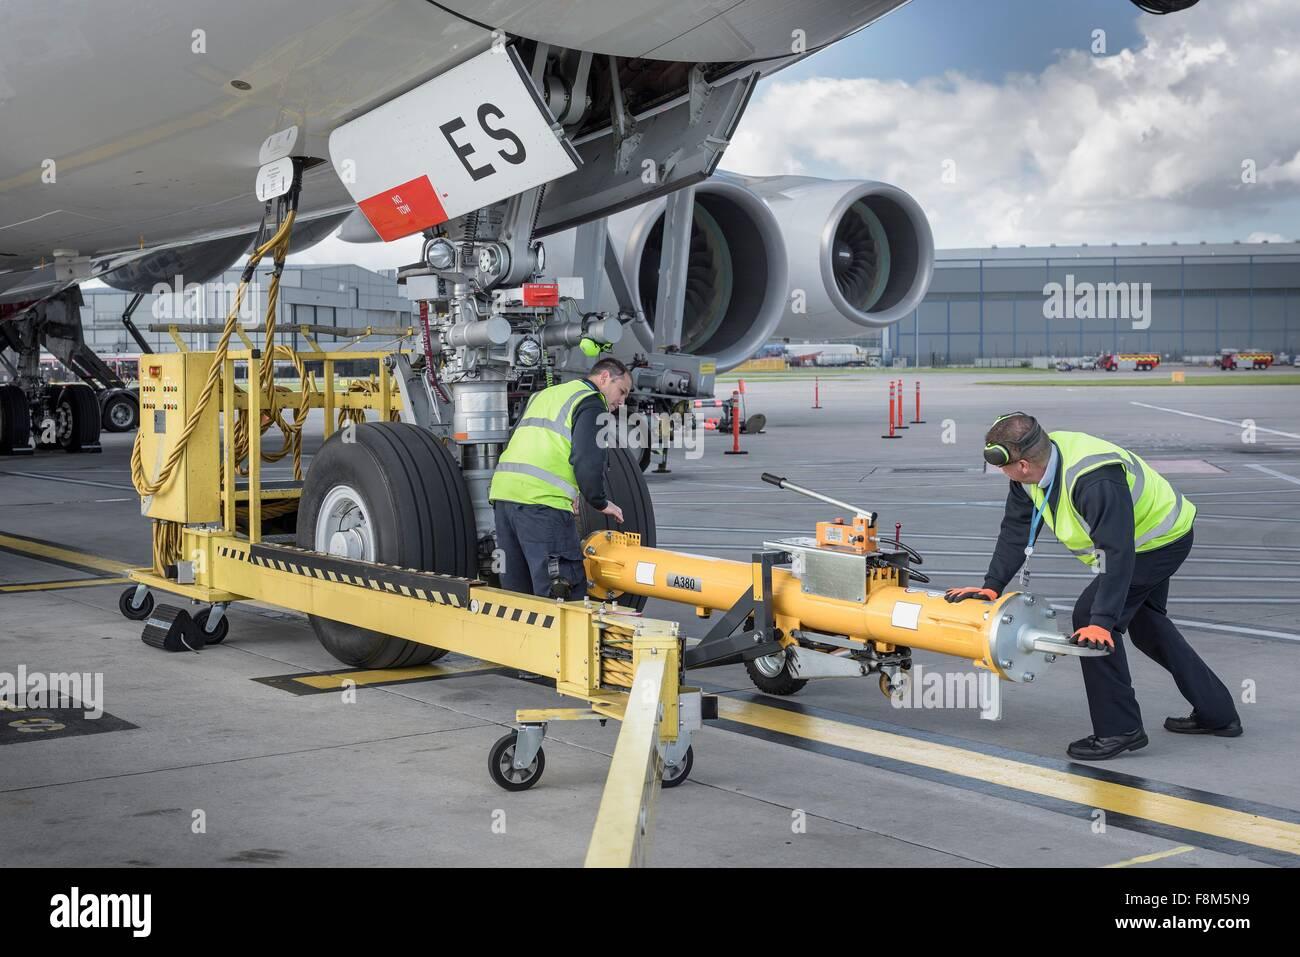 Ground Crew la fijación de la barra de remolque en aviones A380 en el aeropuerto Foto de stock